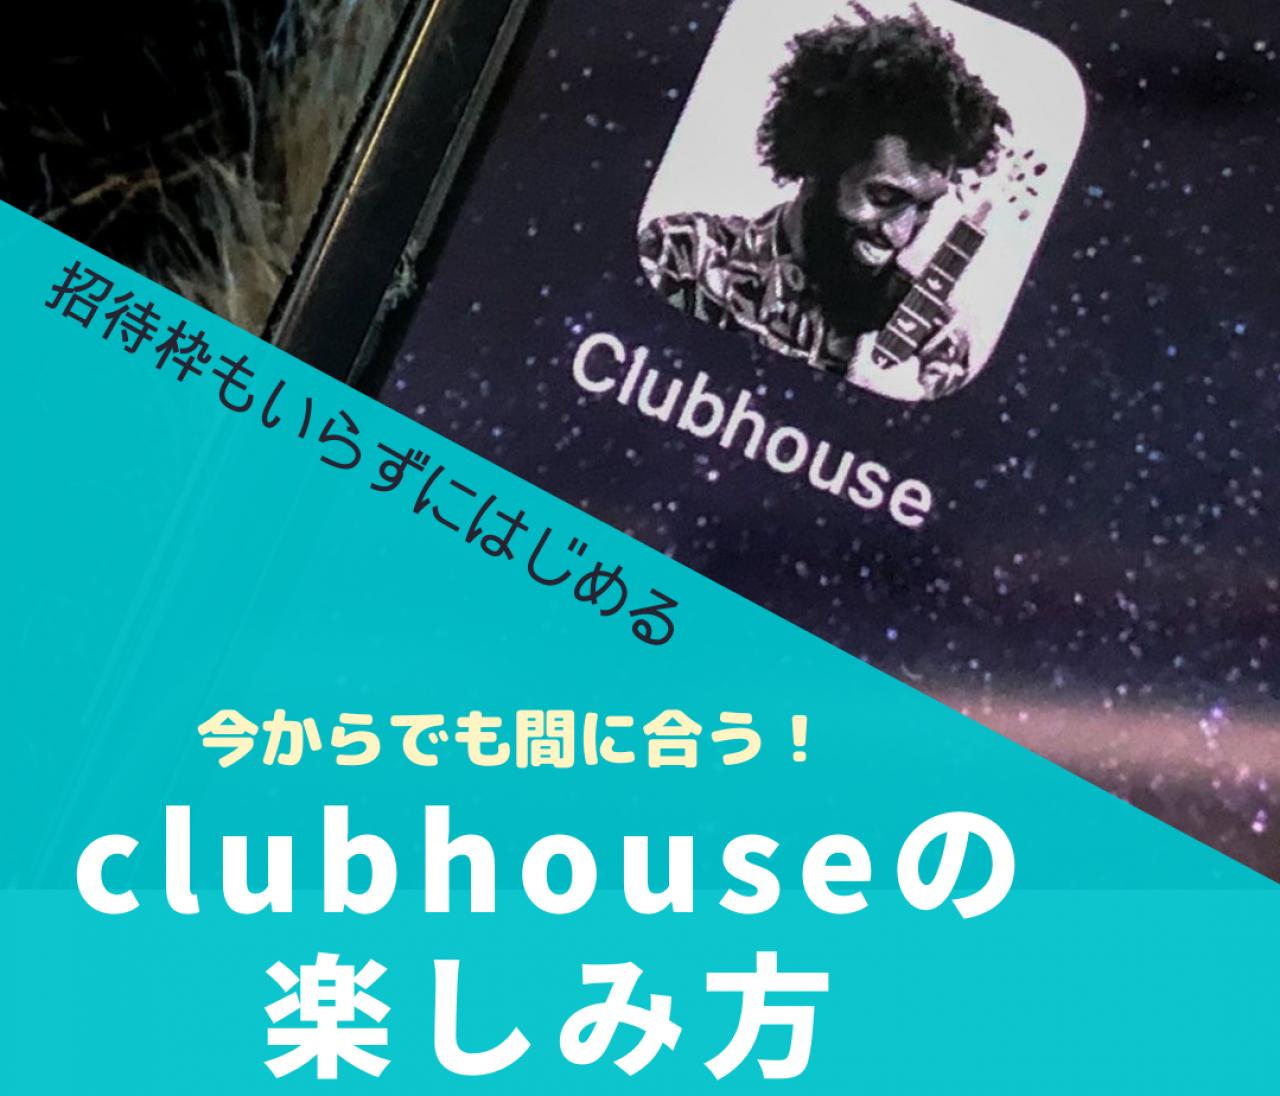 【招待なしで始める】Clubhouseとの上手な付き合い方